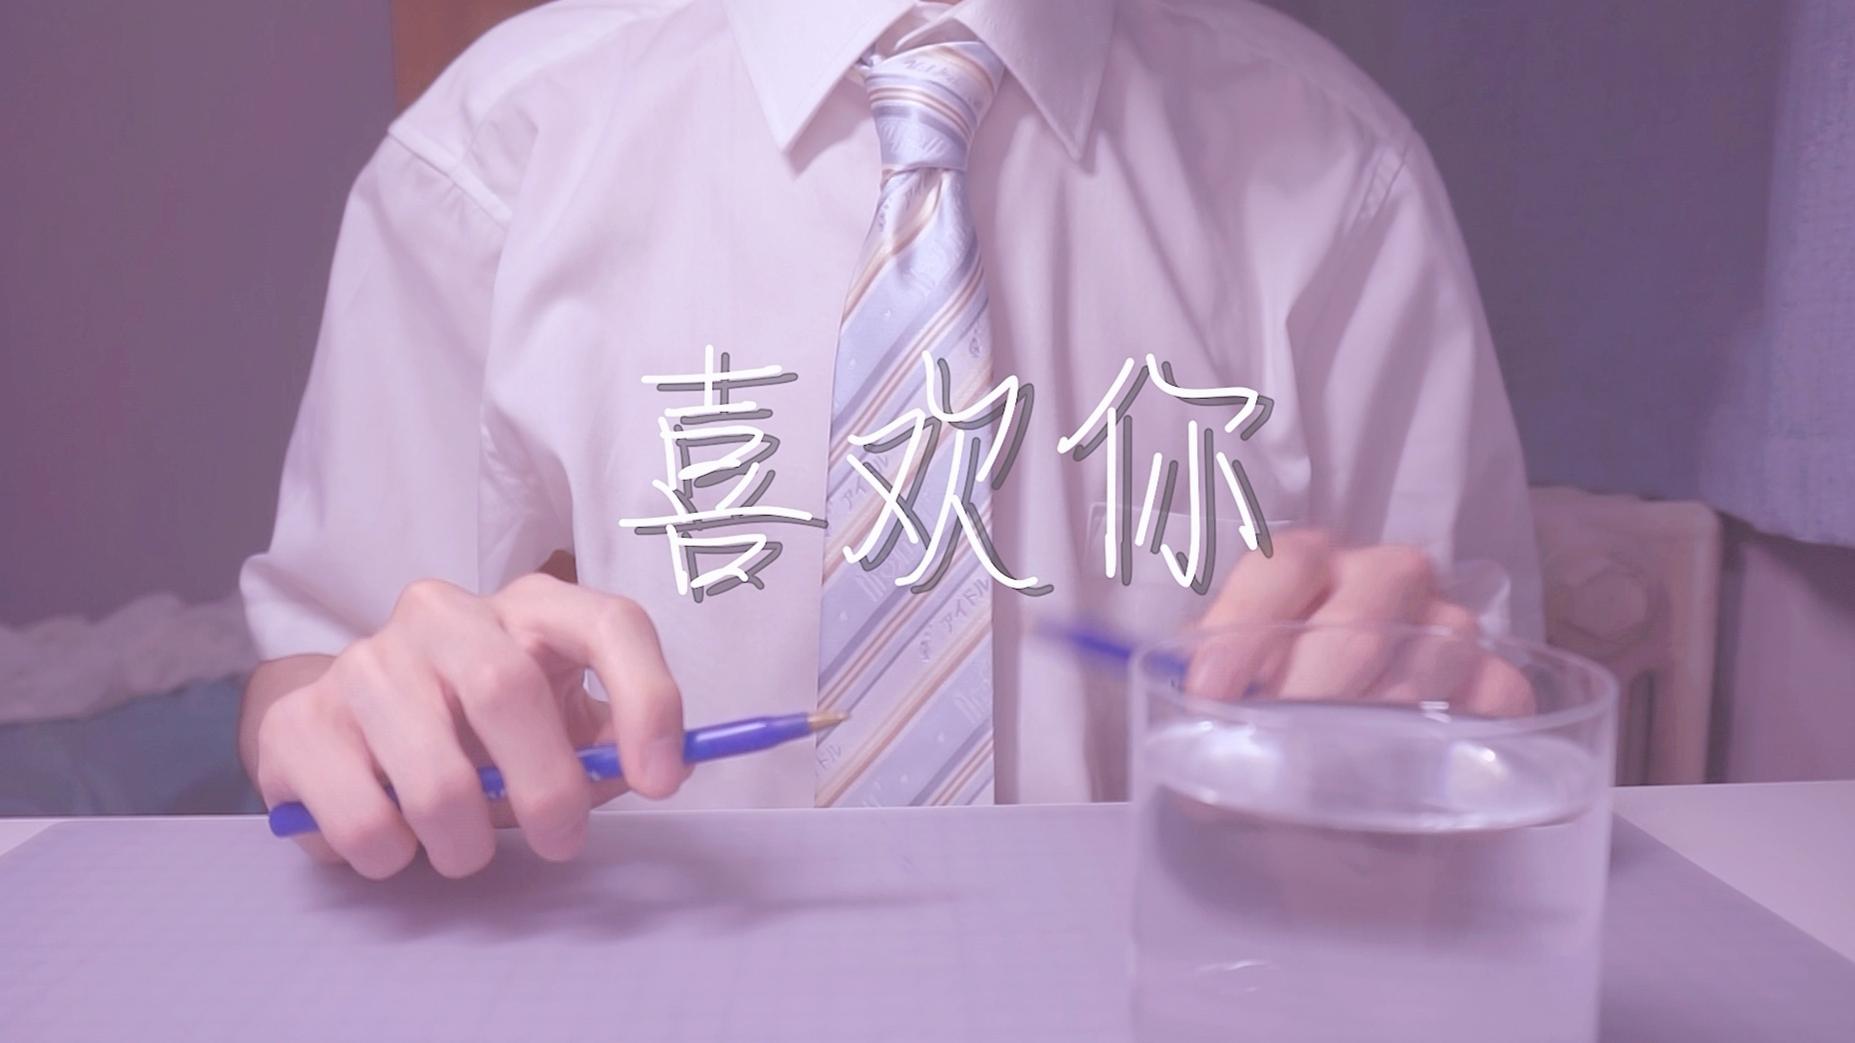 小哥哥用笔和玻璃杯演奏《喜欢你》~ penbeat cover陈洁仪